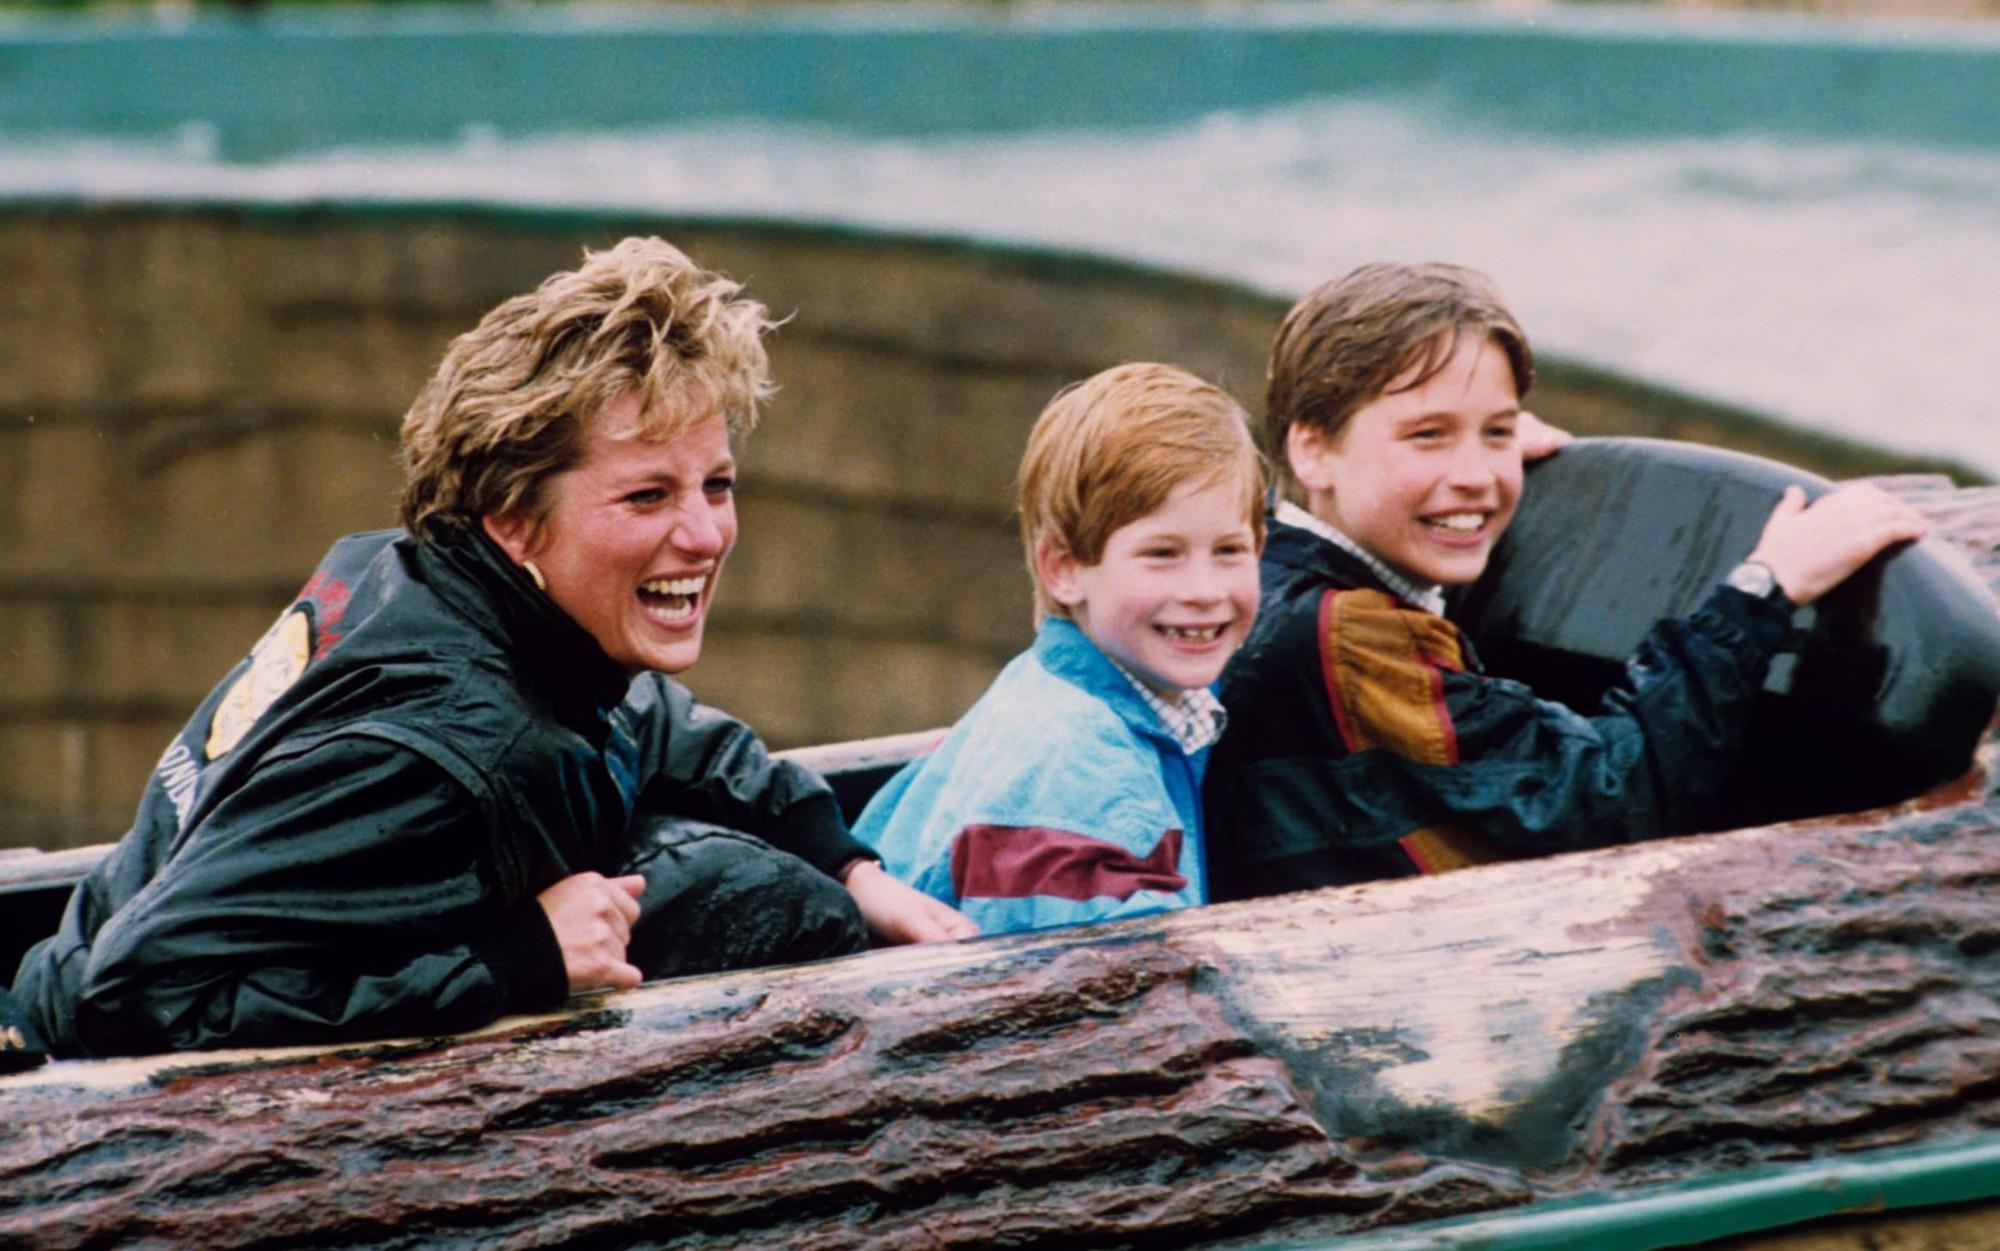 Nhan sắc và khí chất hoàn hảo của cố Công nương Diana trong những khoảnh khắc xưa-17